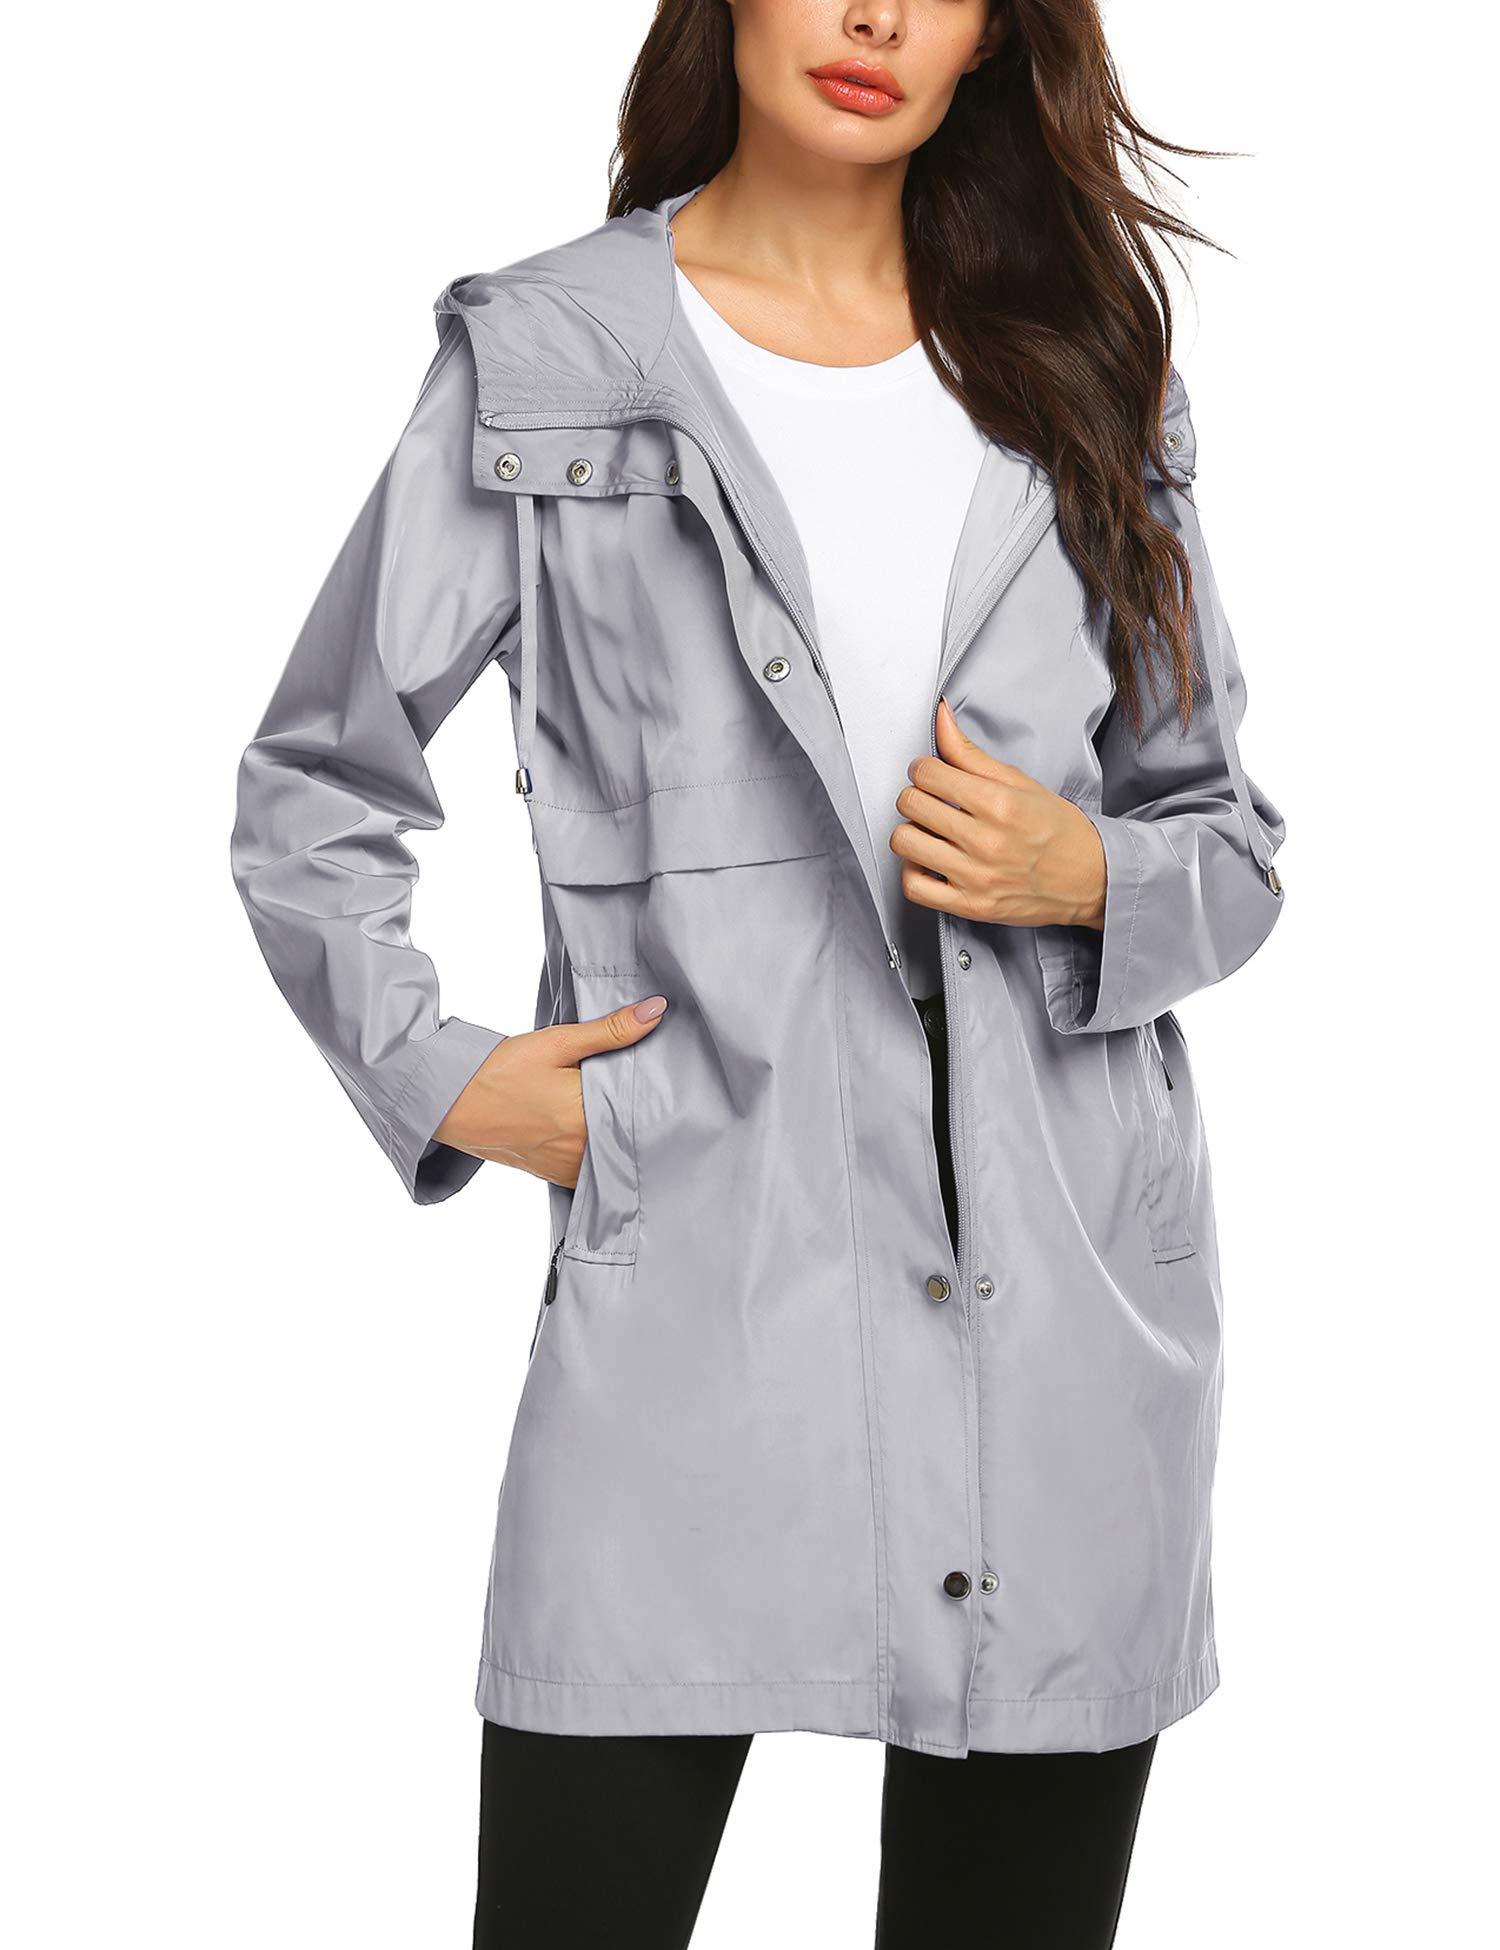 Waterproof Rain Jacket Women Ladies Slim Fit Essential Wind Proof Trench Coat L Grey by Avoogue